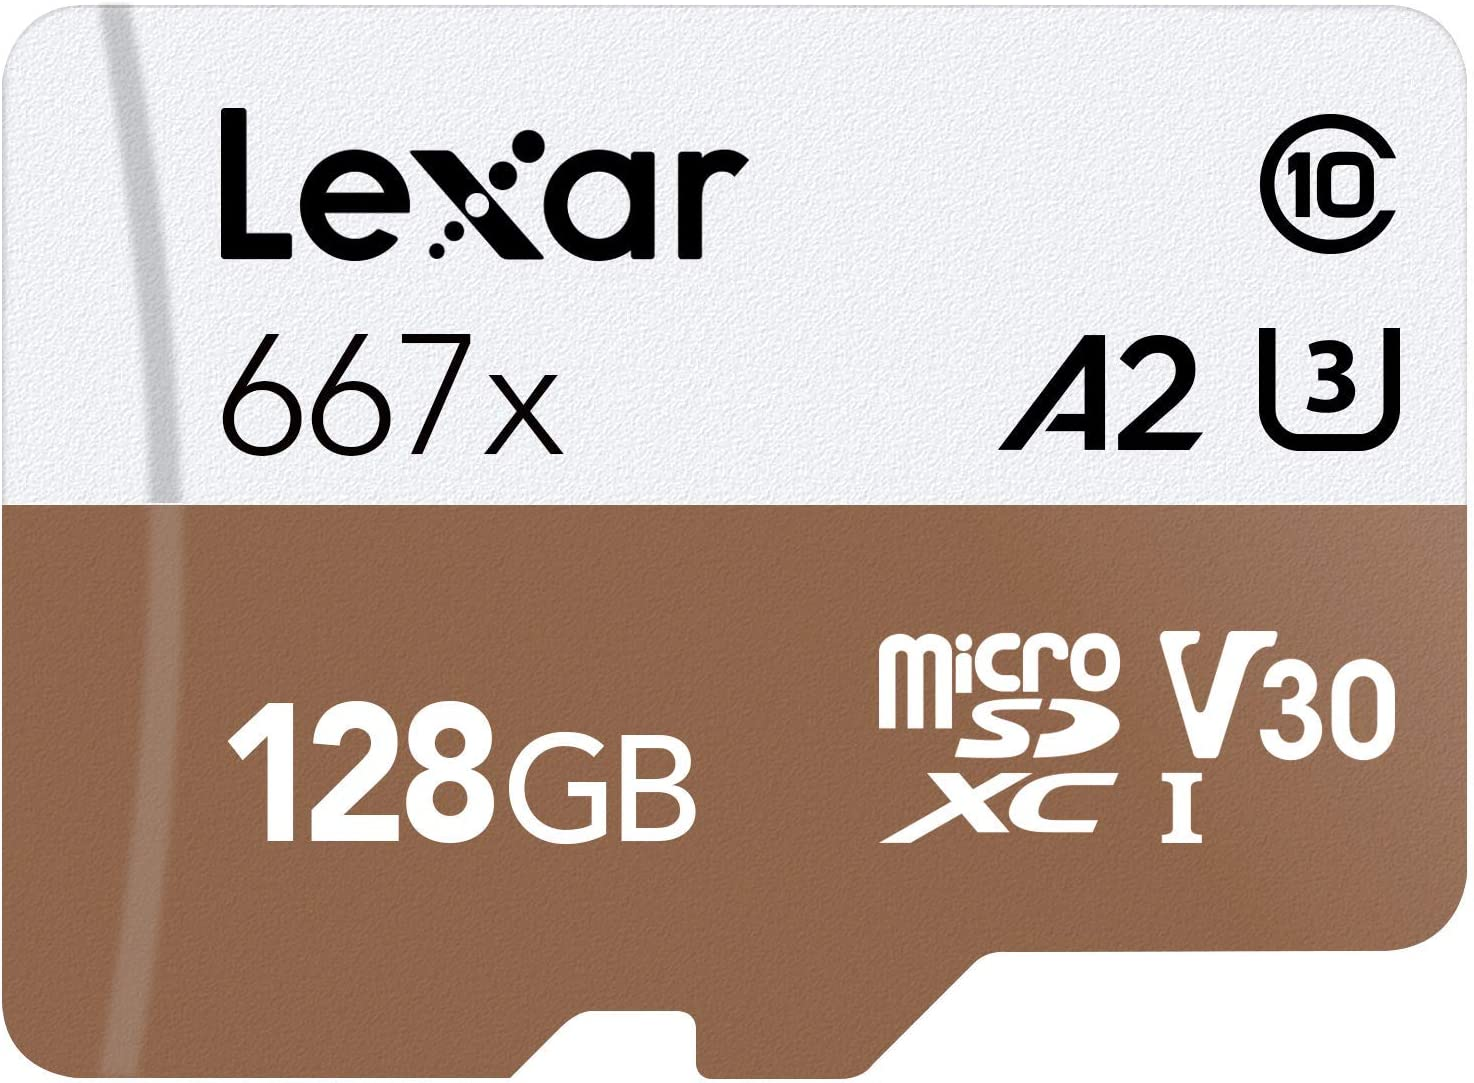 lexar micro sd card for dash cam